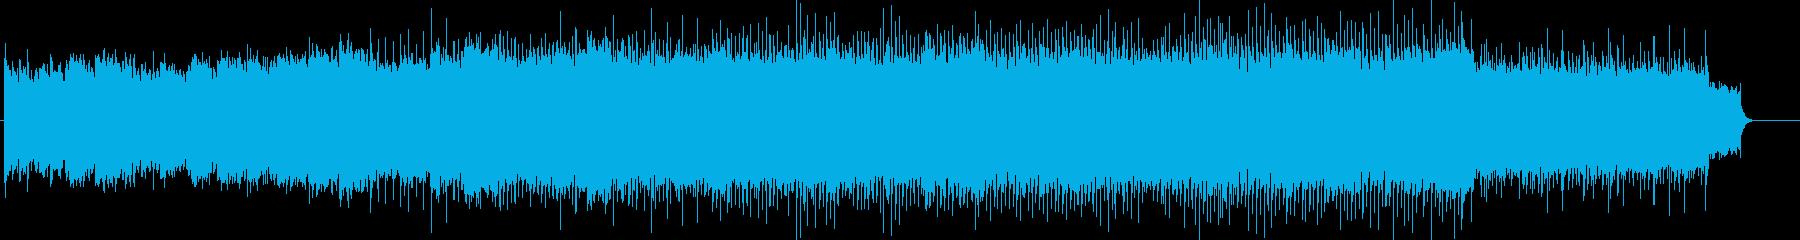 宇宙を思わせる幻想的な曲の再生済みの波形